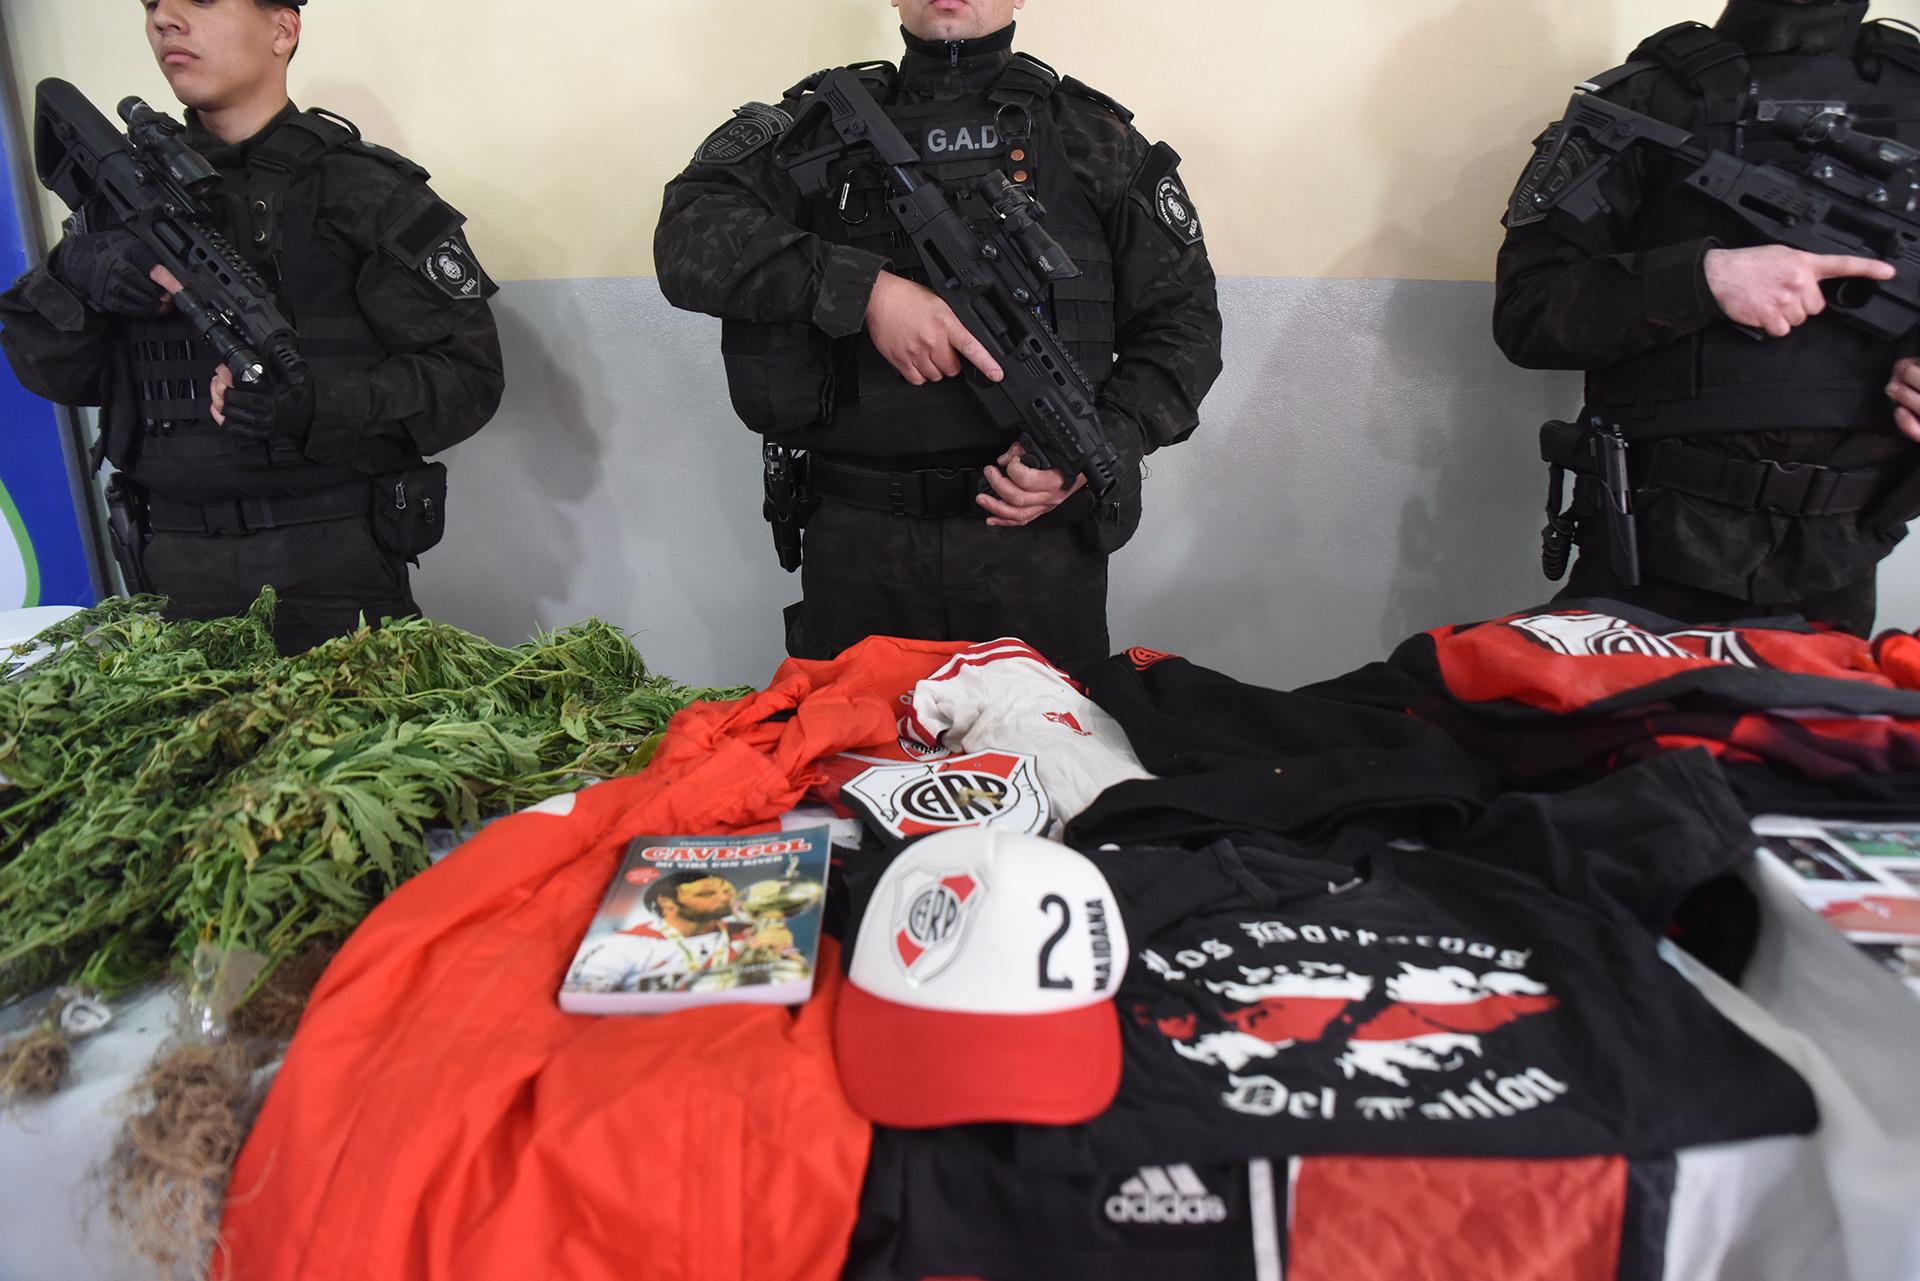 """""""Estas personas integrantes del denominado Sector de Budge estaban acopiando armas para hacer una emboscada a la Banda del Oeste"""", dijo el encargado del organismo responsable de la seguridad en los espectáculos deportivos de la Provincia de Buenos Aires"""